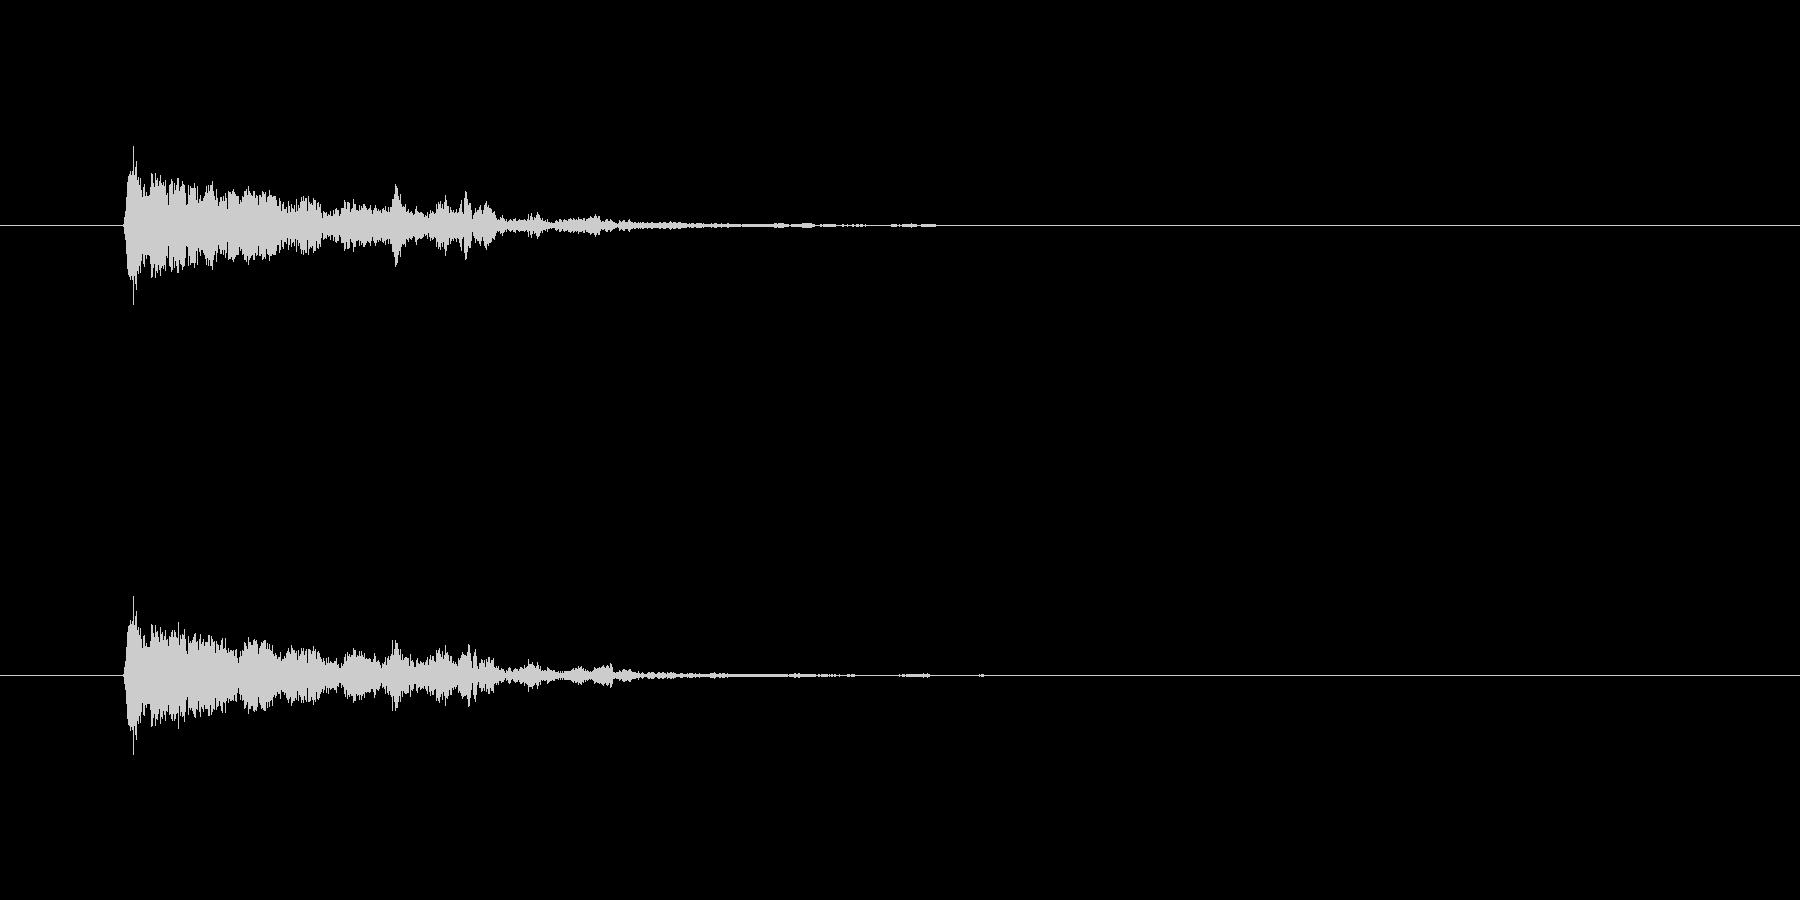 【アクセント38-1】の未再生の波形